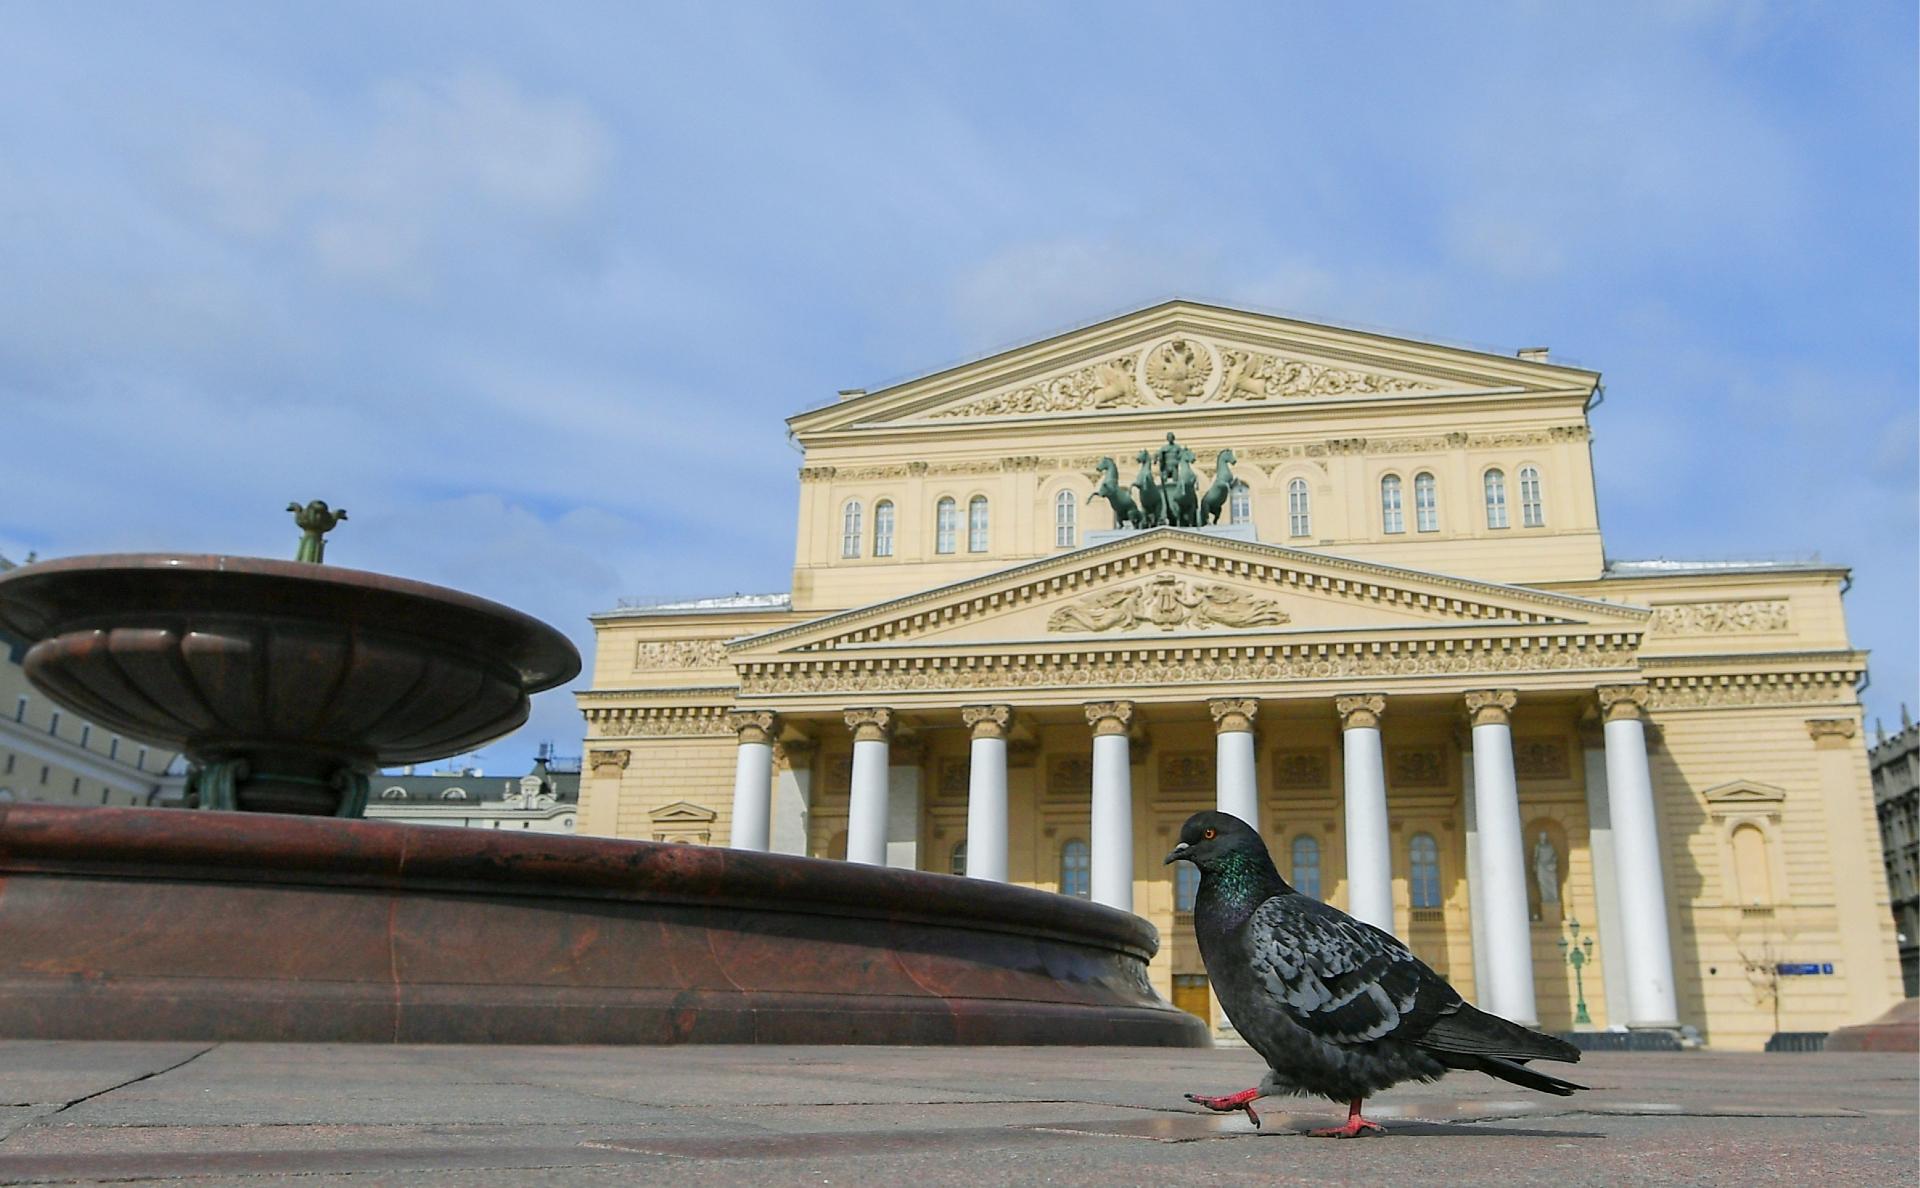 Фото: Максим Блинов / РИА Новости